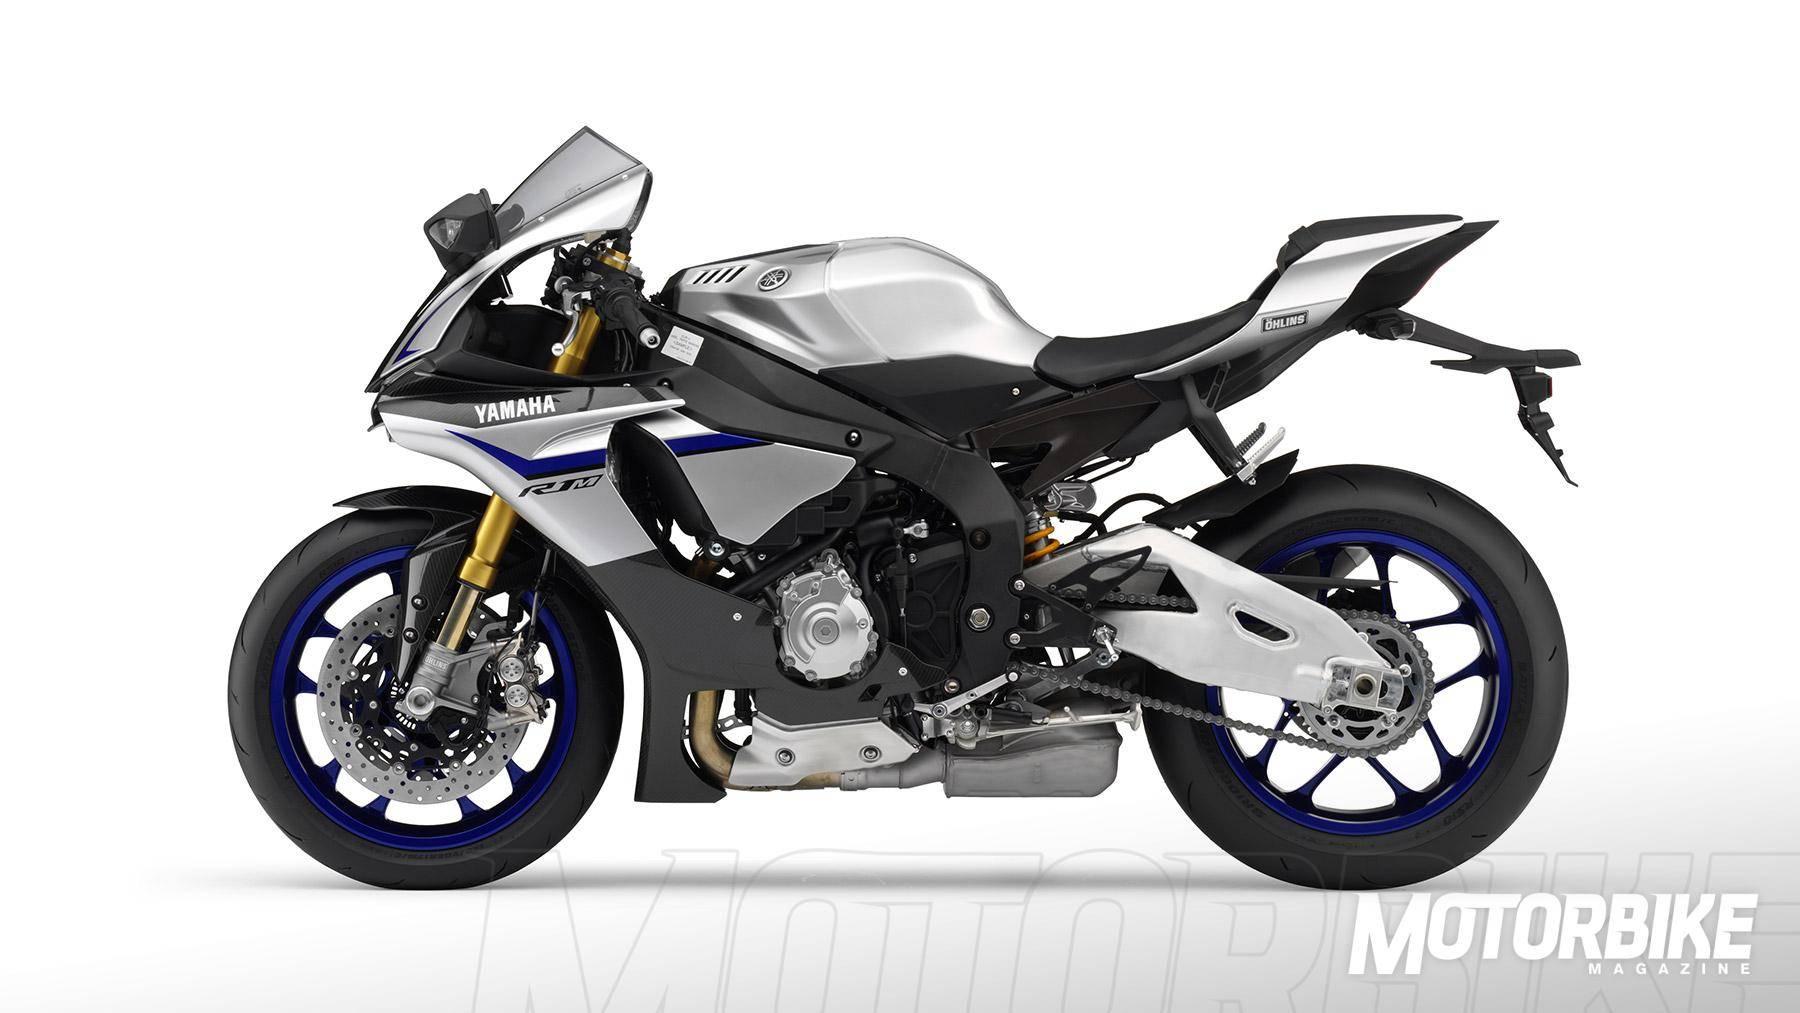 Motogp 2015 App Gratis   MotoGP 2017 Info, Video, Points Table